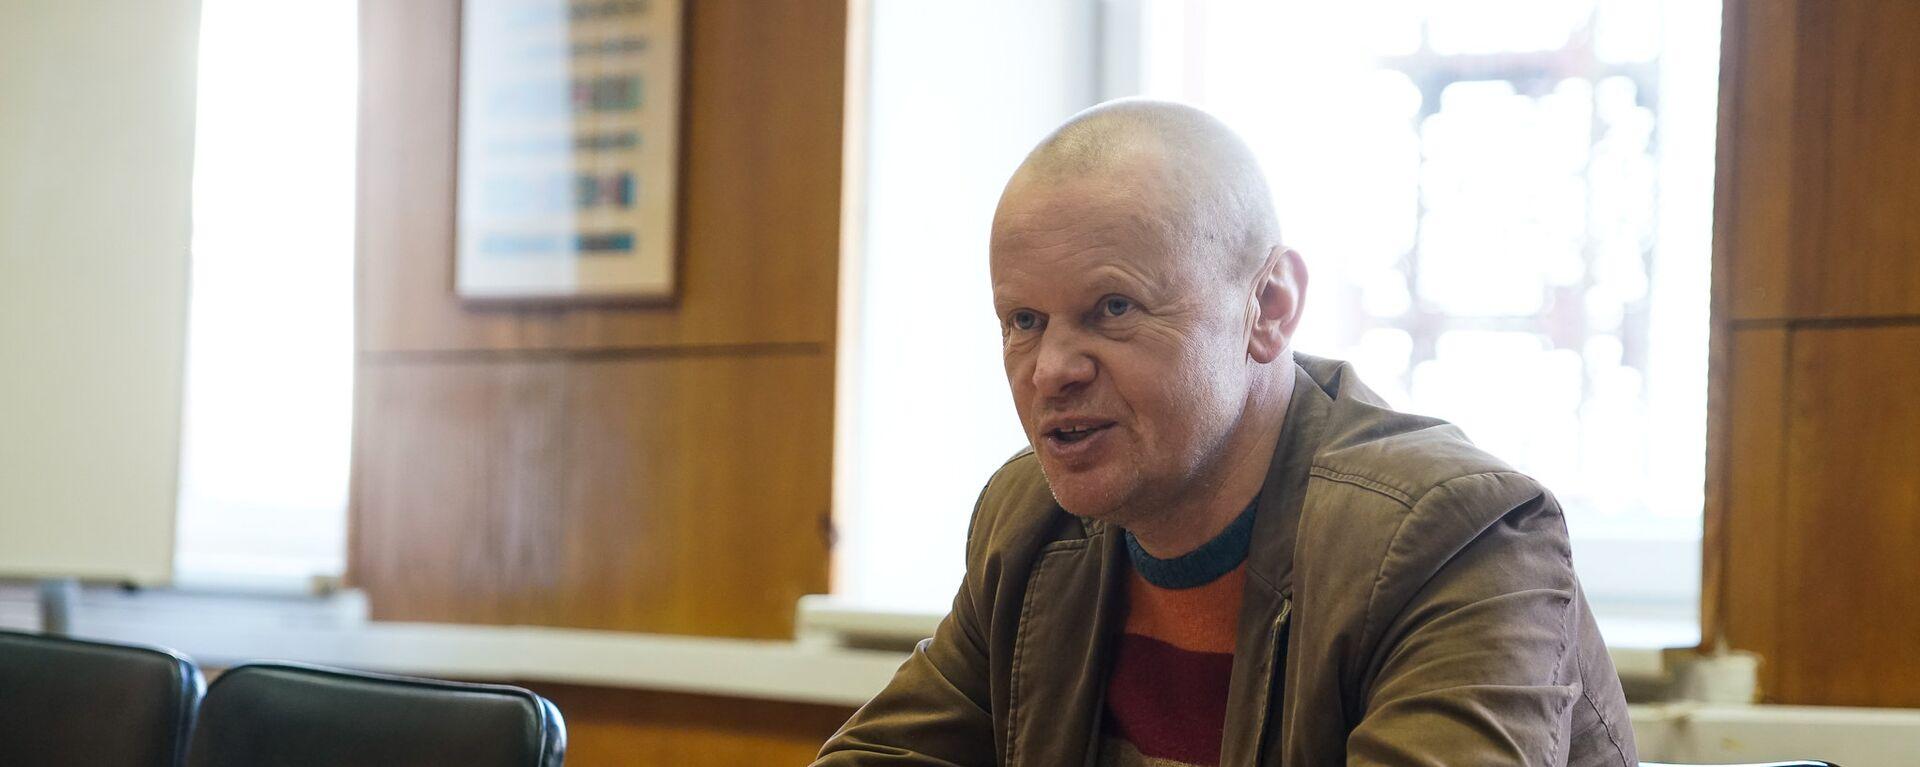 Председатель правления рыбоперерабатывающего предприятия Brīvais vilnis Арнольд Бабрис - Sputnik Латвия, 1920, 11.01.2021